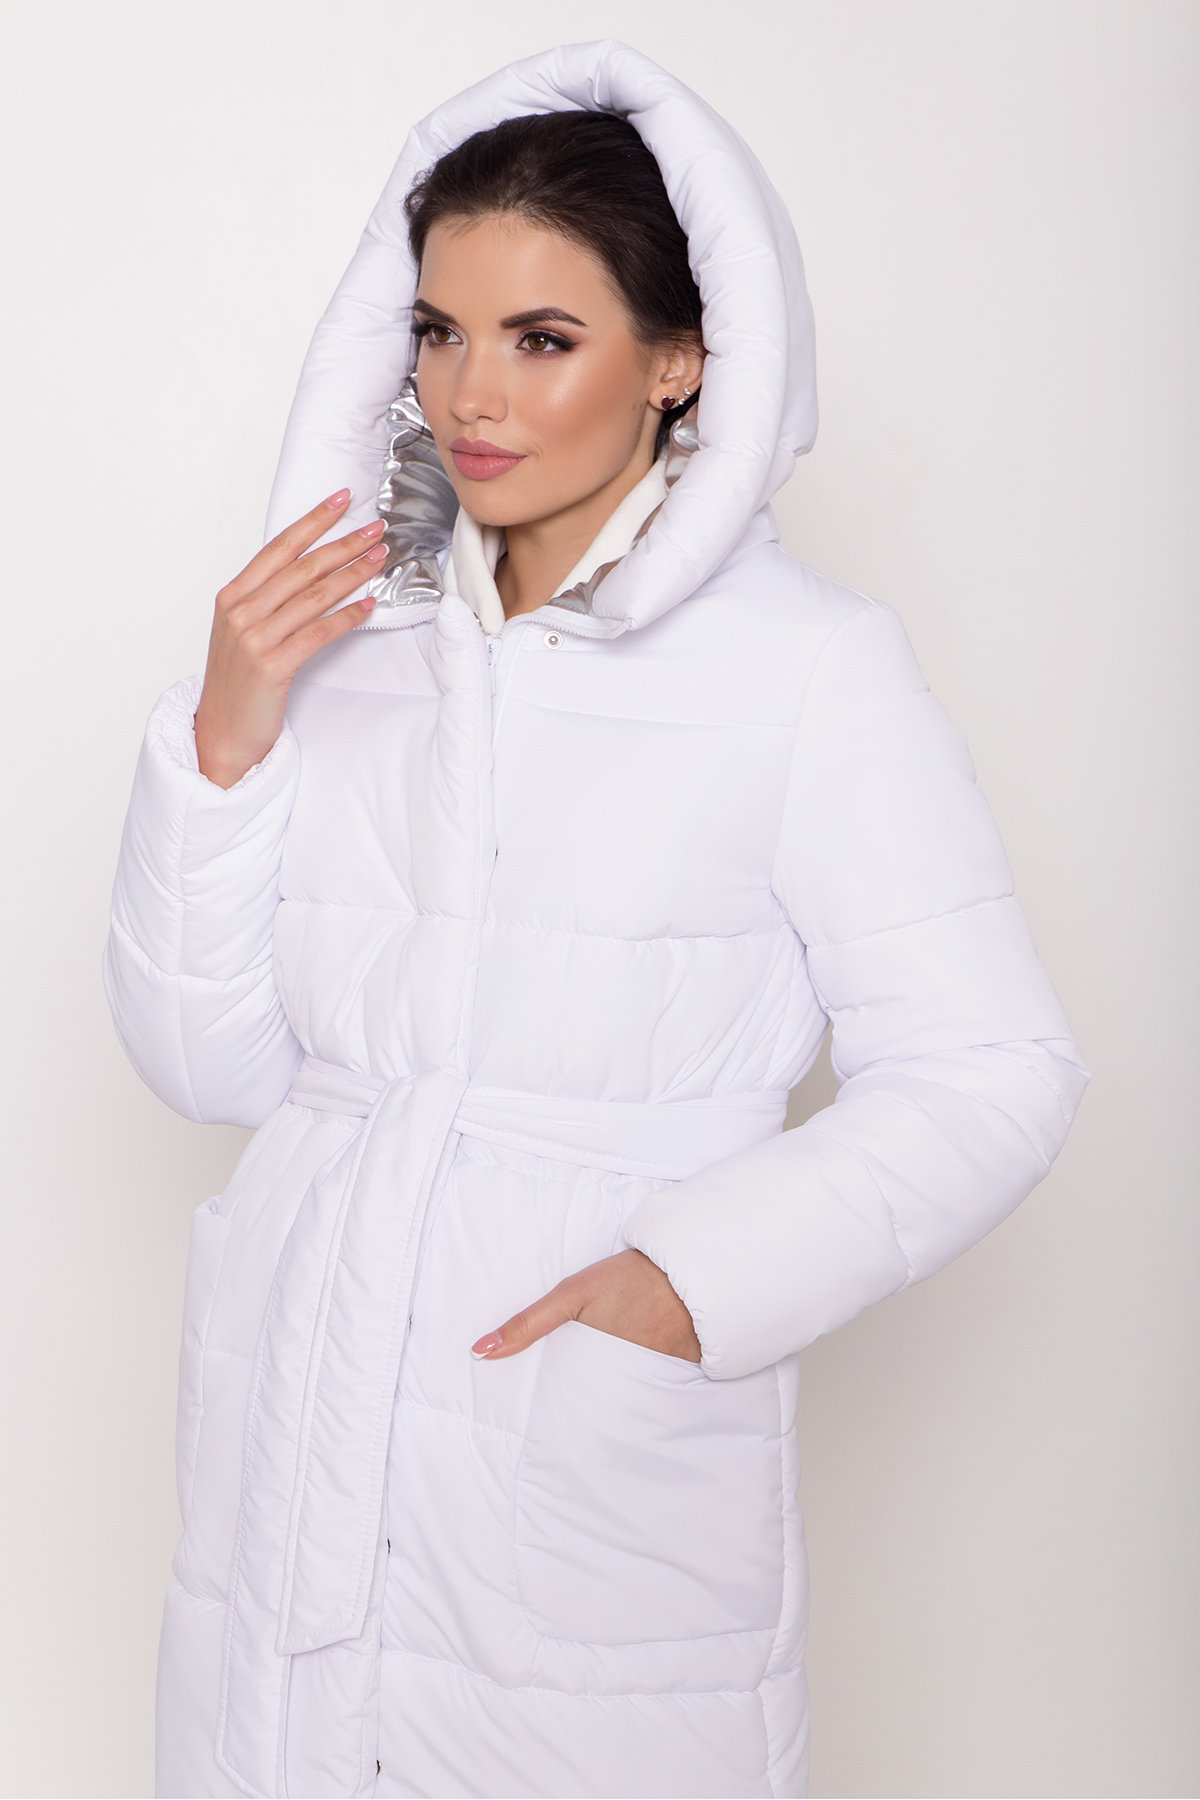 Удлиненный пуховик с накладными карманами Бланка 8622 АРТ. 44960 Цвет: Белый - фото 5, интернет магазин tm-modus.ru